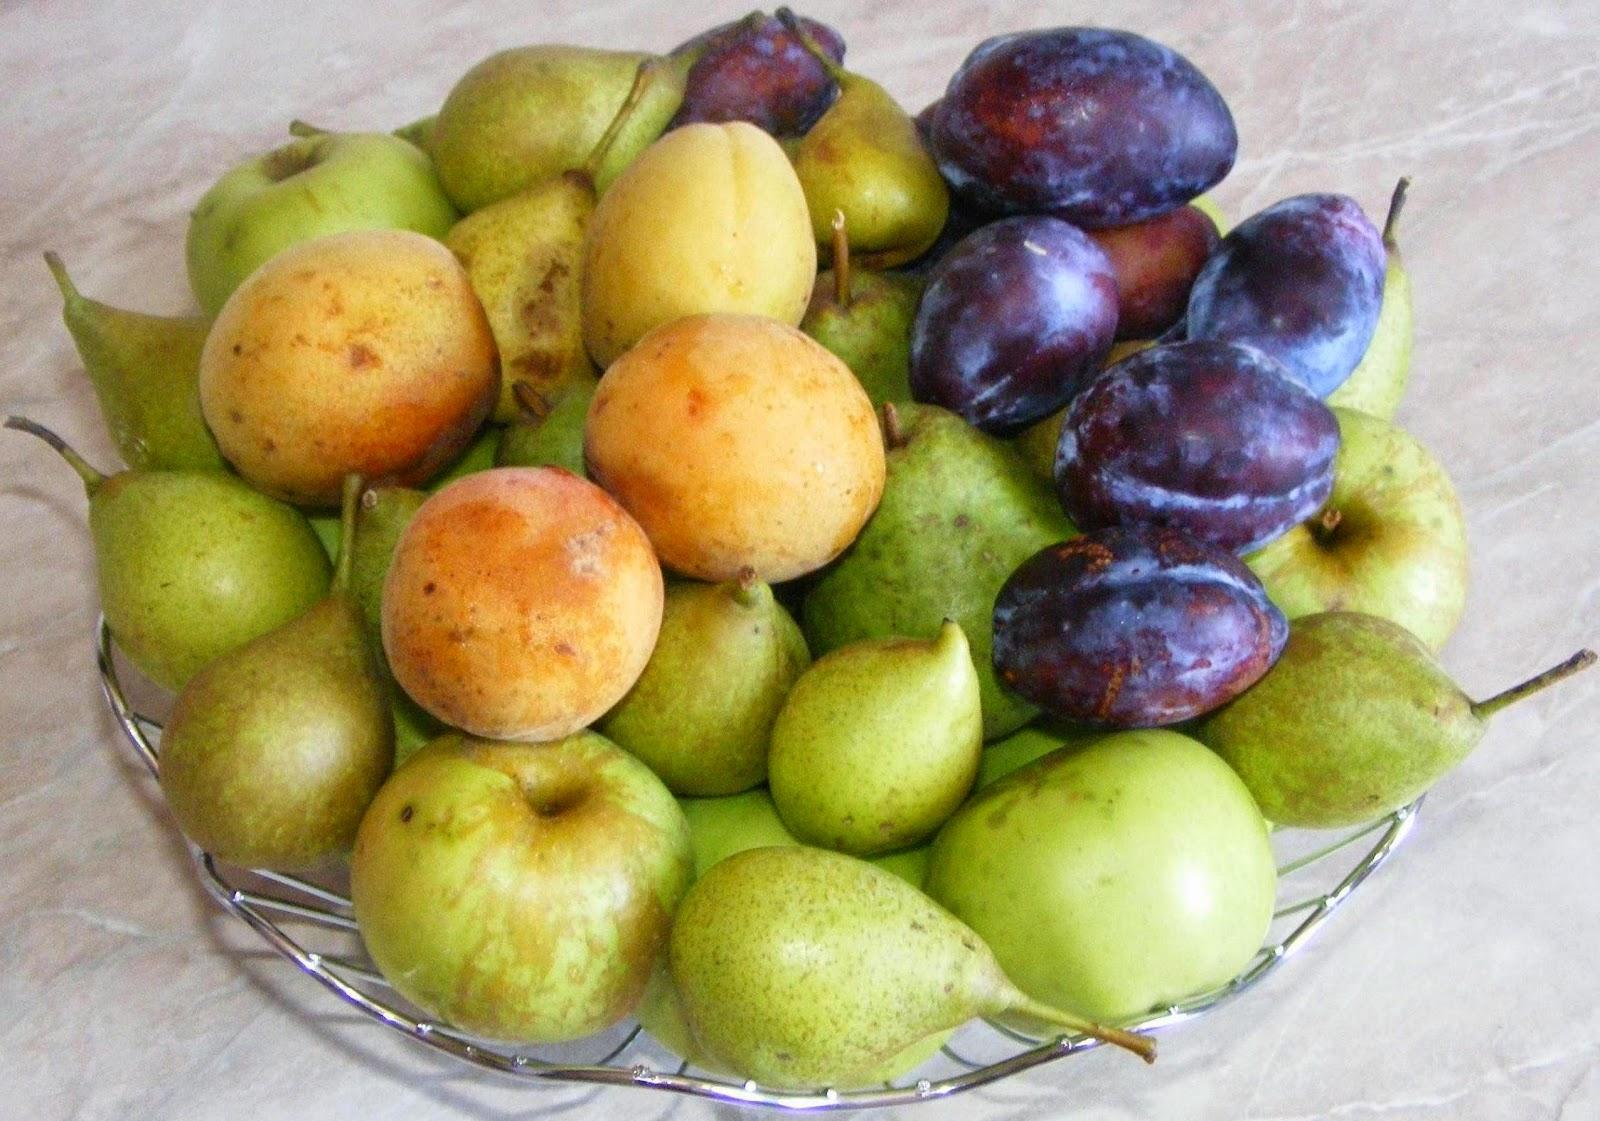 fructe, fructe proaspete, fructe sanatoase, fructe romanesti, retete cu fructe, fructe pentru gratar, fructe pentru prajituri, fructe pentru desert, fructe pentru frigarui, mere, prune, piersici, pere, retete si preparate culinare cu fructe, fructe dulci,